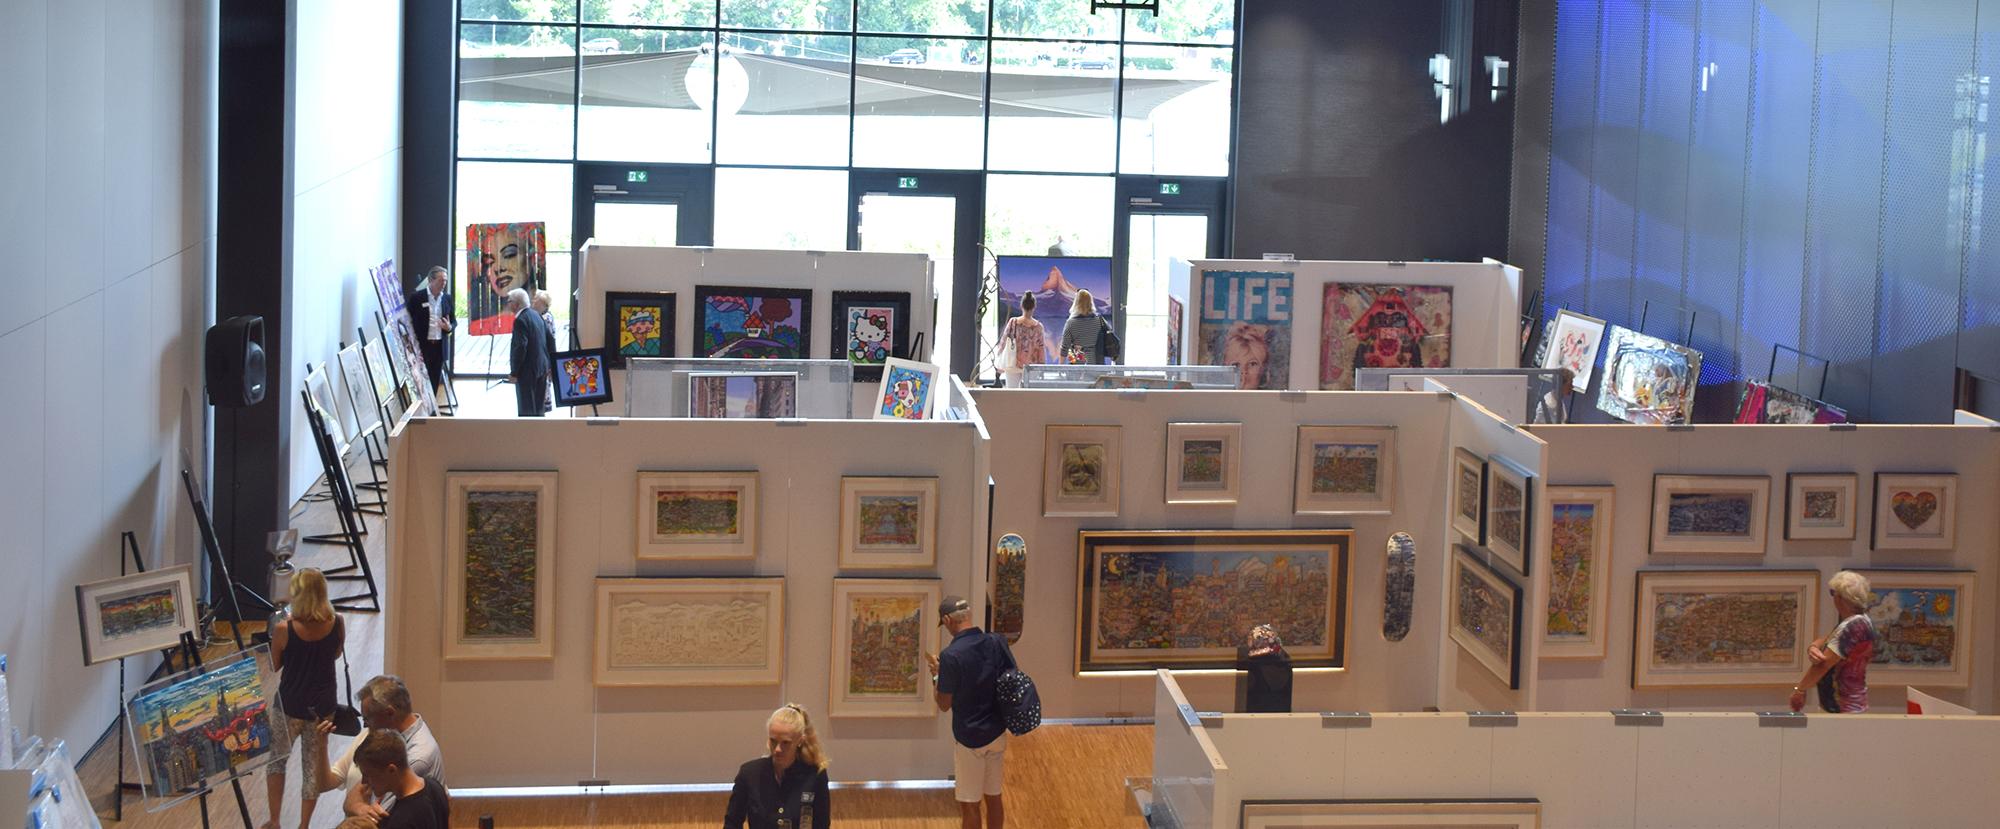 Fazzino-Ausstellung im Bodensee-Forum